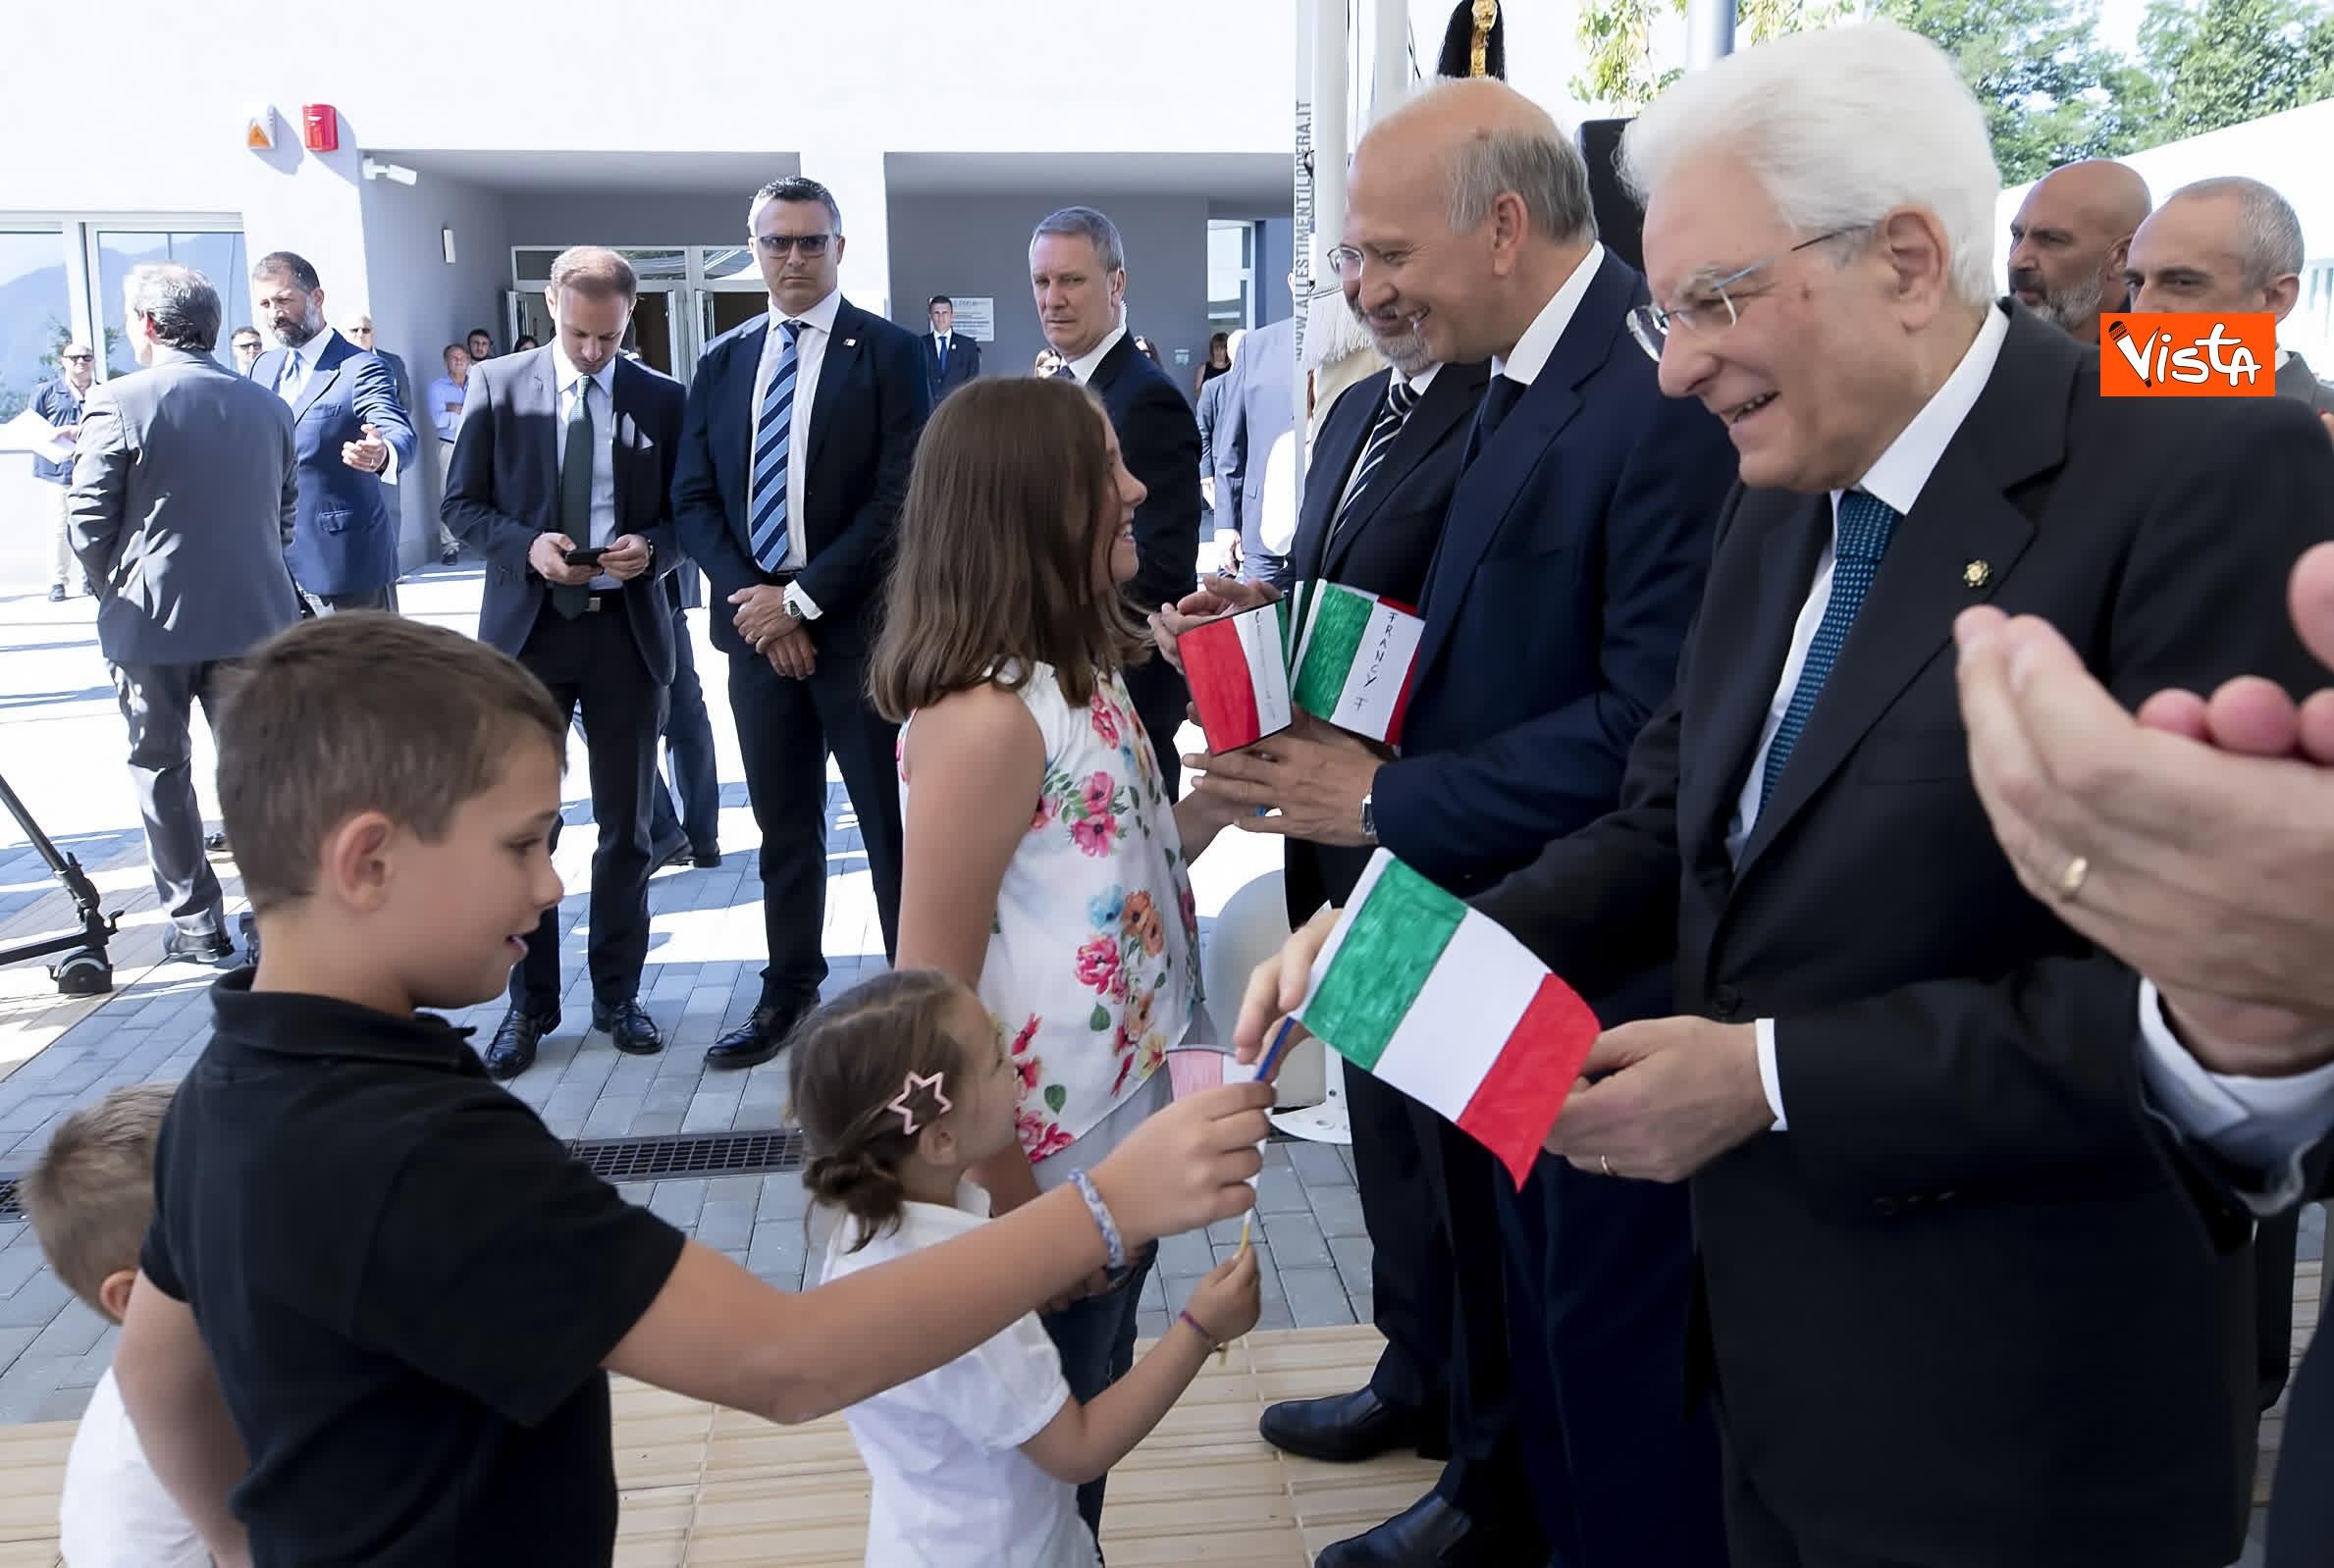 18-07-19 Il Presidente Mattarella visita l'Istituto omnicomprensivo Romolo Capranica di Amatrice_06